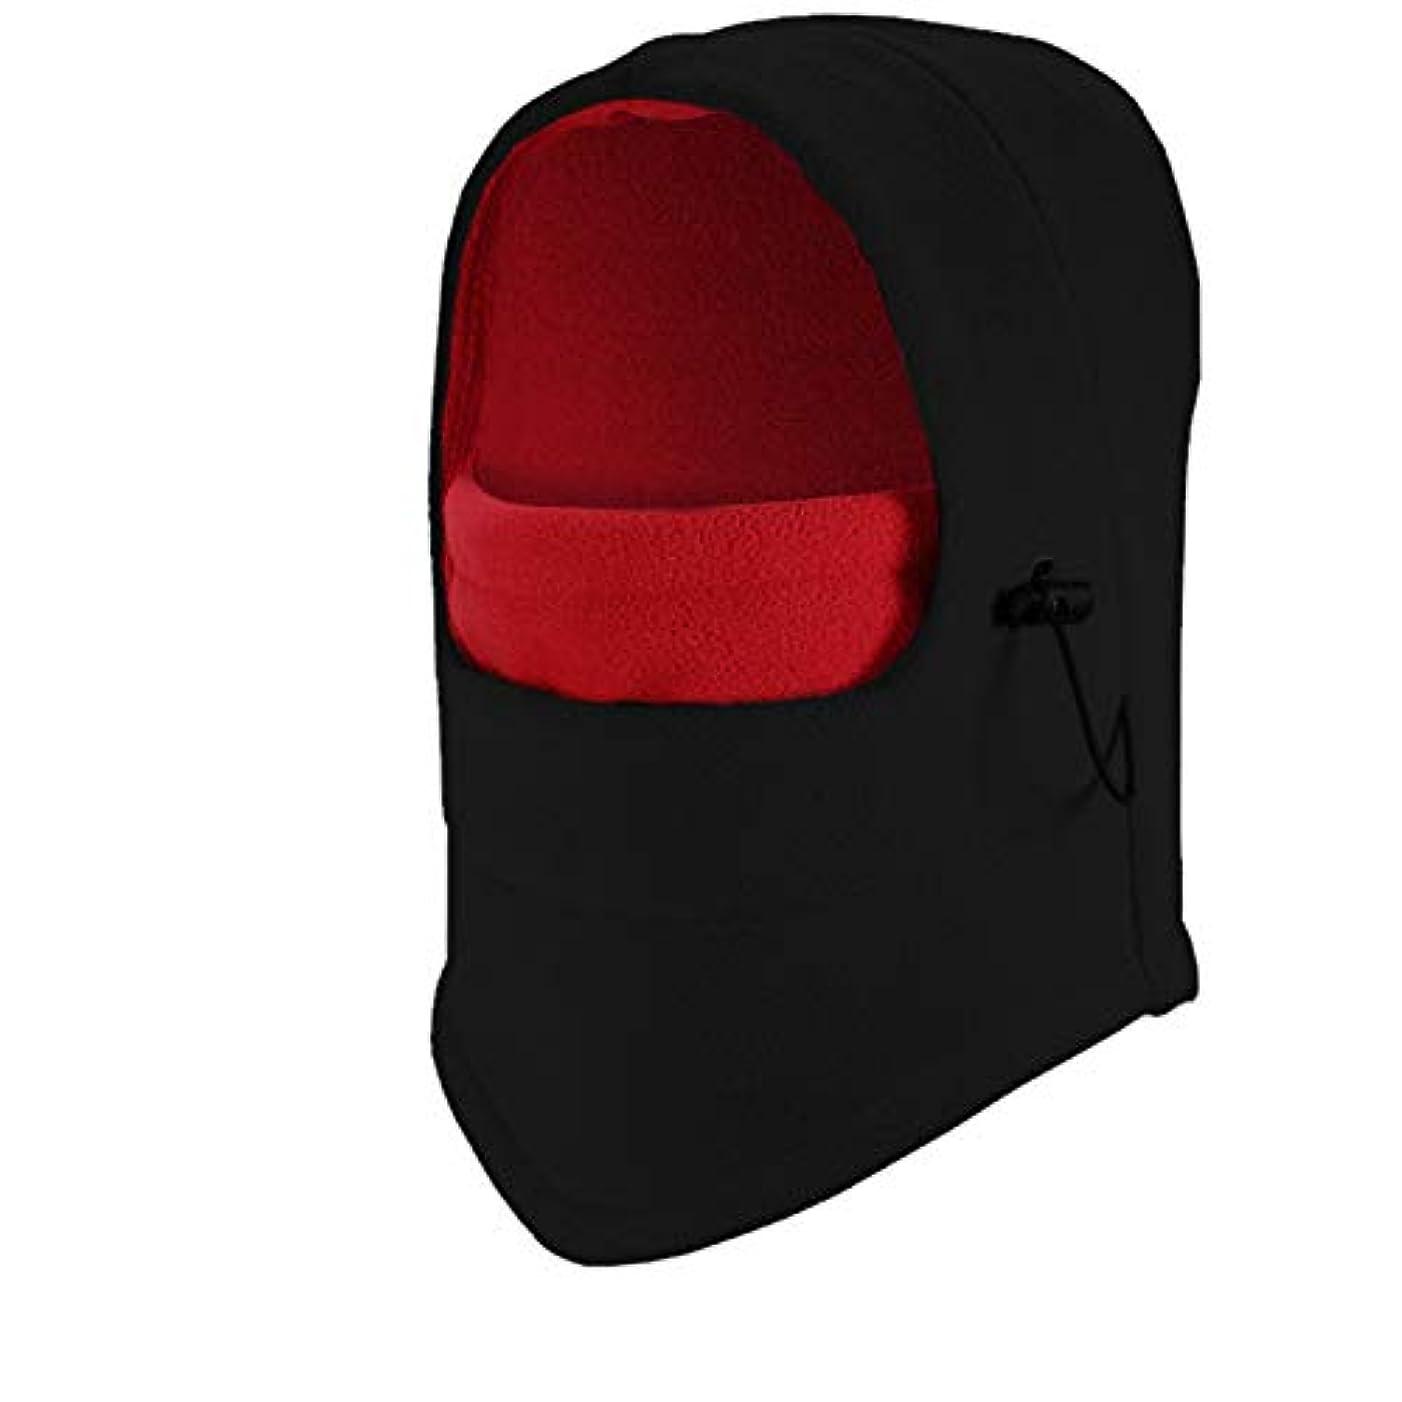 美人順応性のある怖がらせるコールドマスク冬のウォームヘッドギアキャップフルフェイスフードオートバイ電気自動車防風冷たい男性マスク顔機器ライディング仮面,黒